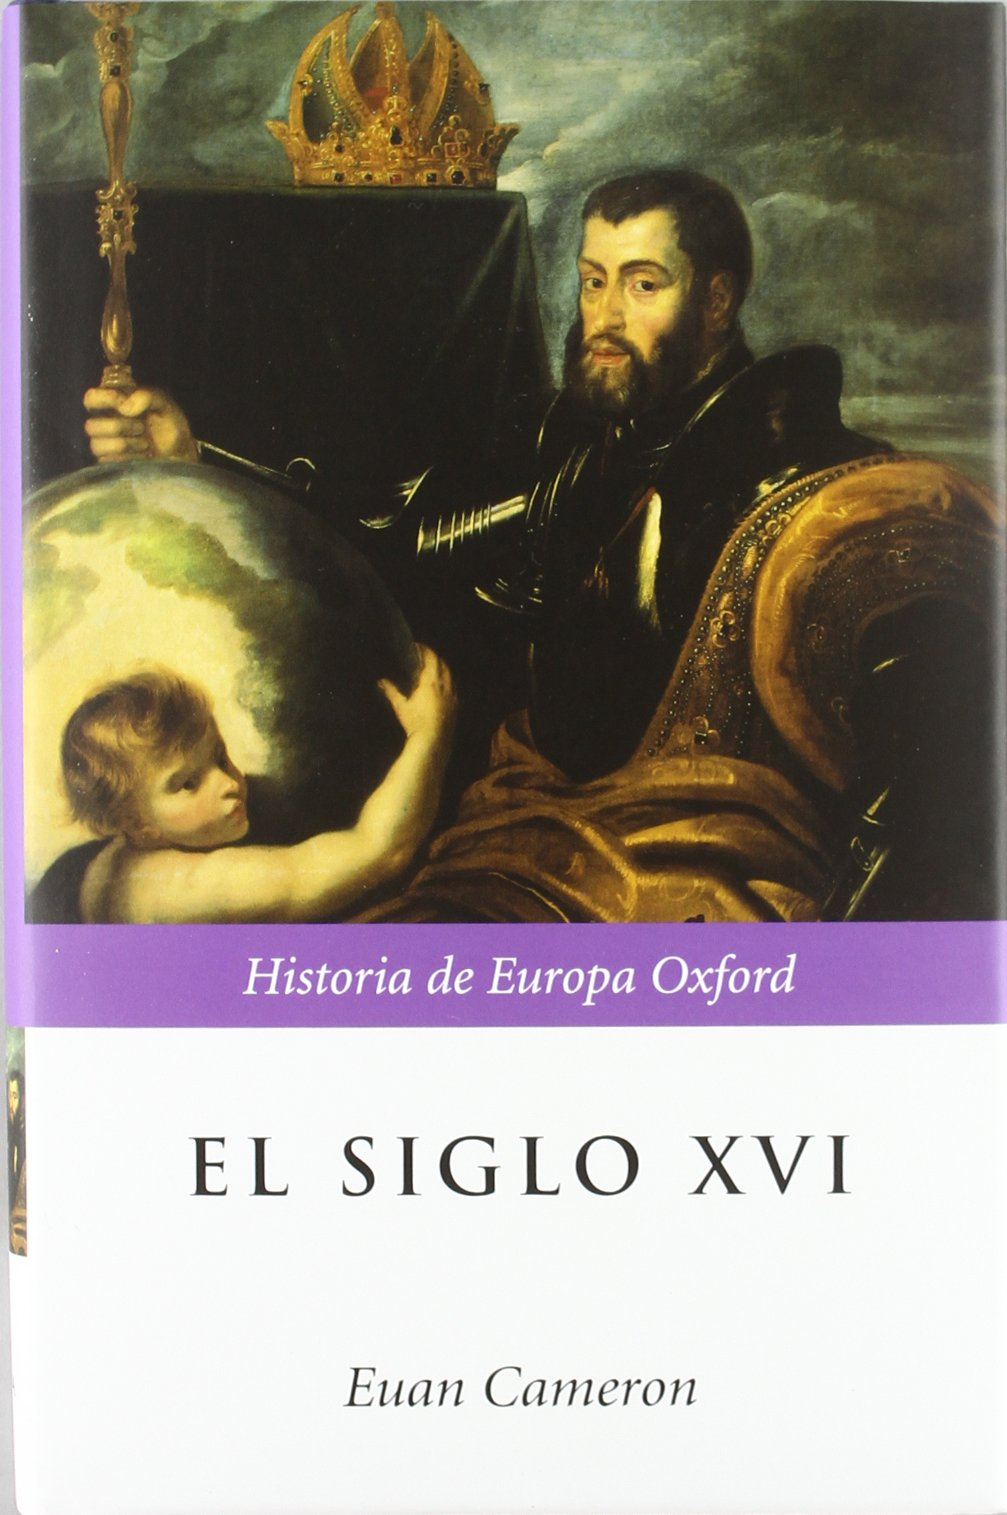 El siglo XVI (Historia de Europa Oxford): Amazon.es: Cameron, Euan: Libros